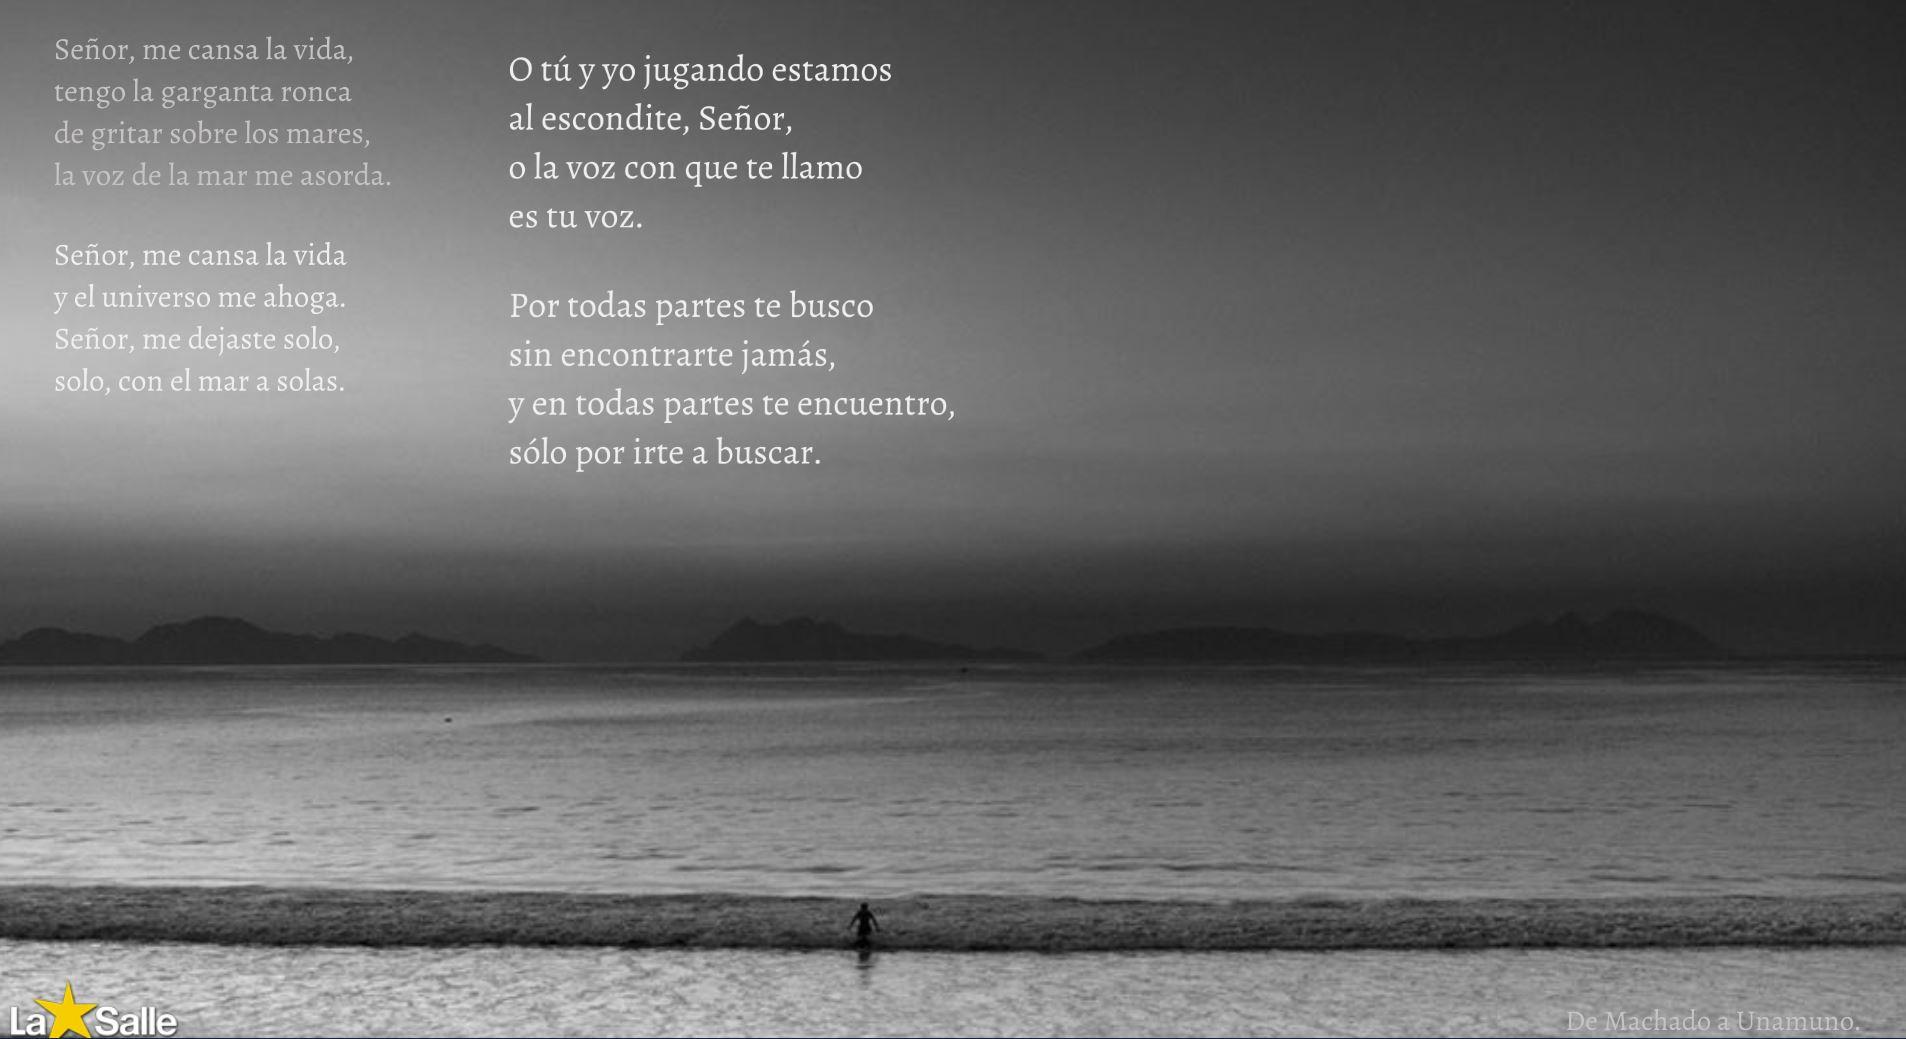 … o la voz con la que te llamo es tu voz (Machado).